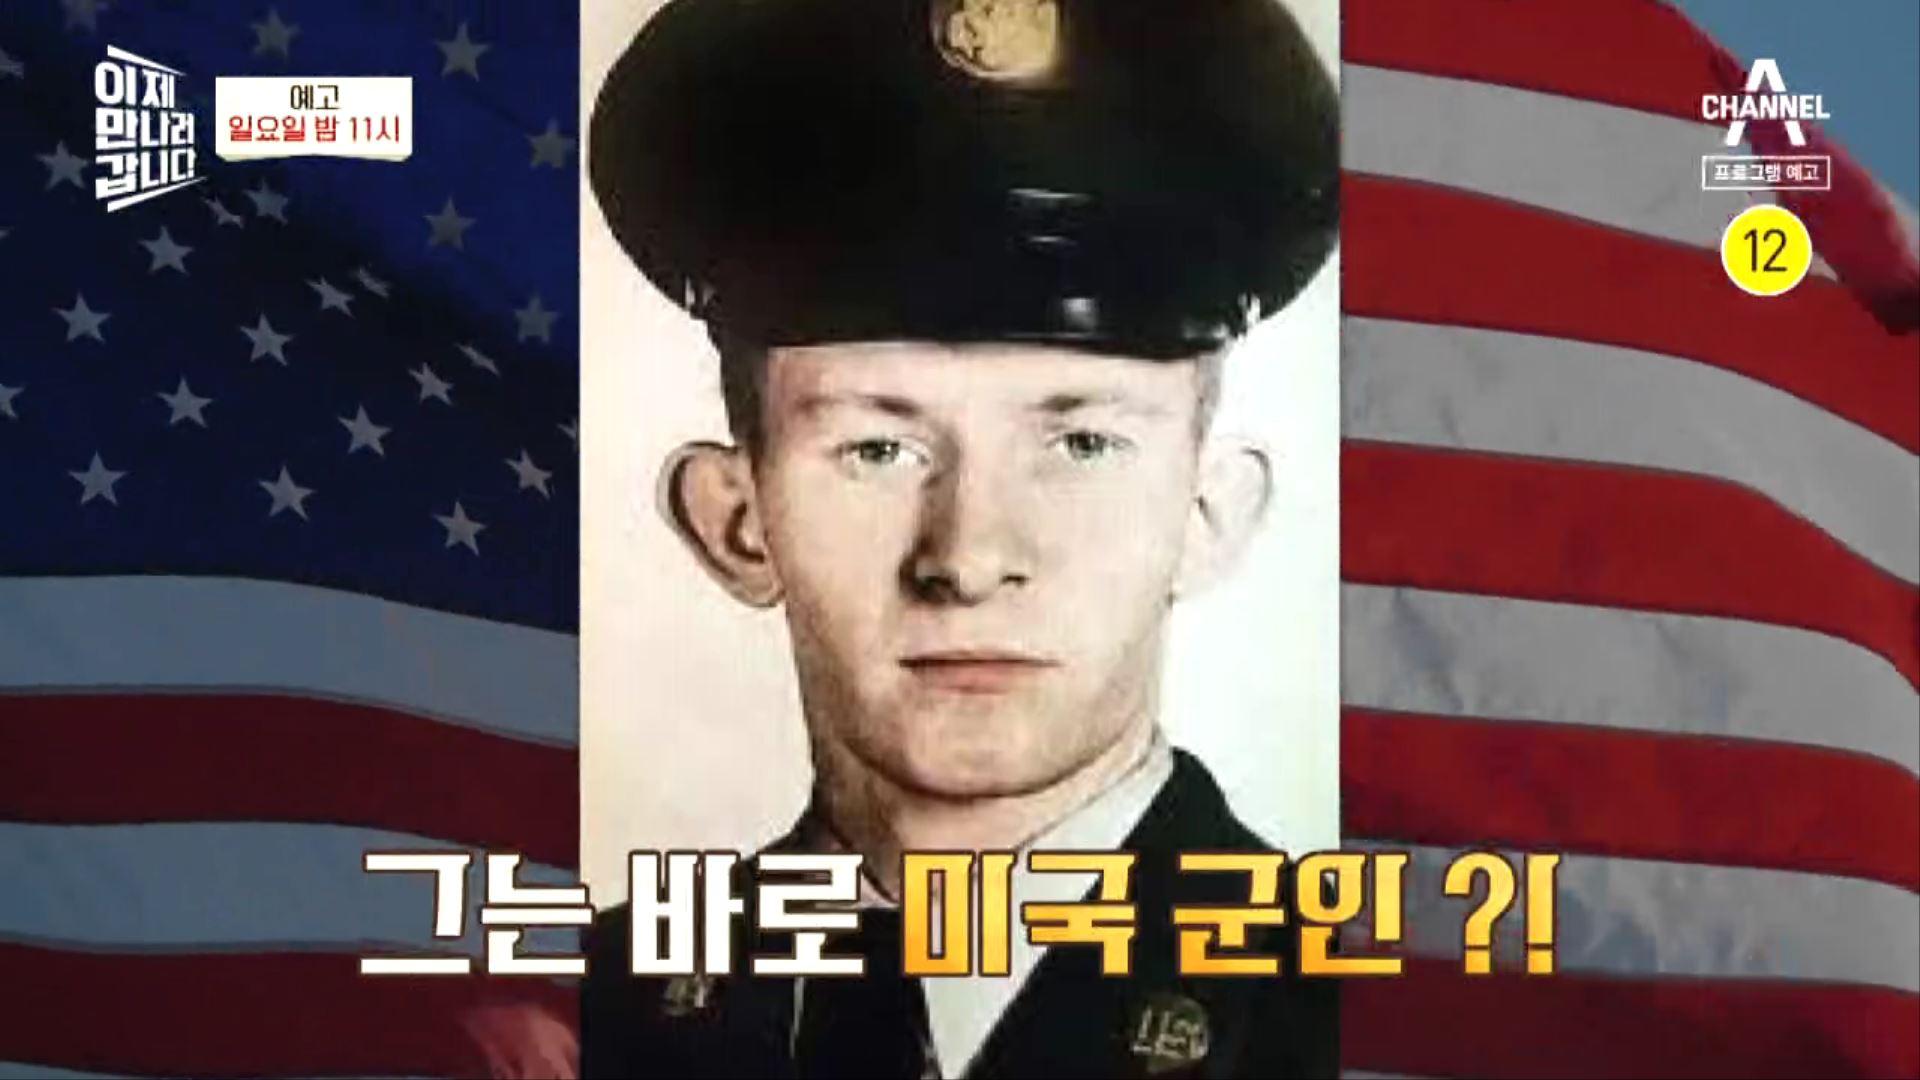 [예고] 누군가 DMZ를 넘어 북한으로 향했다?! 그는 바로 미국 군인? 이미지